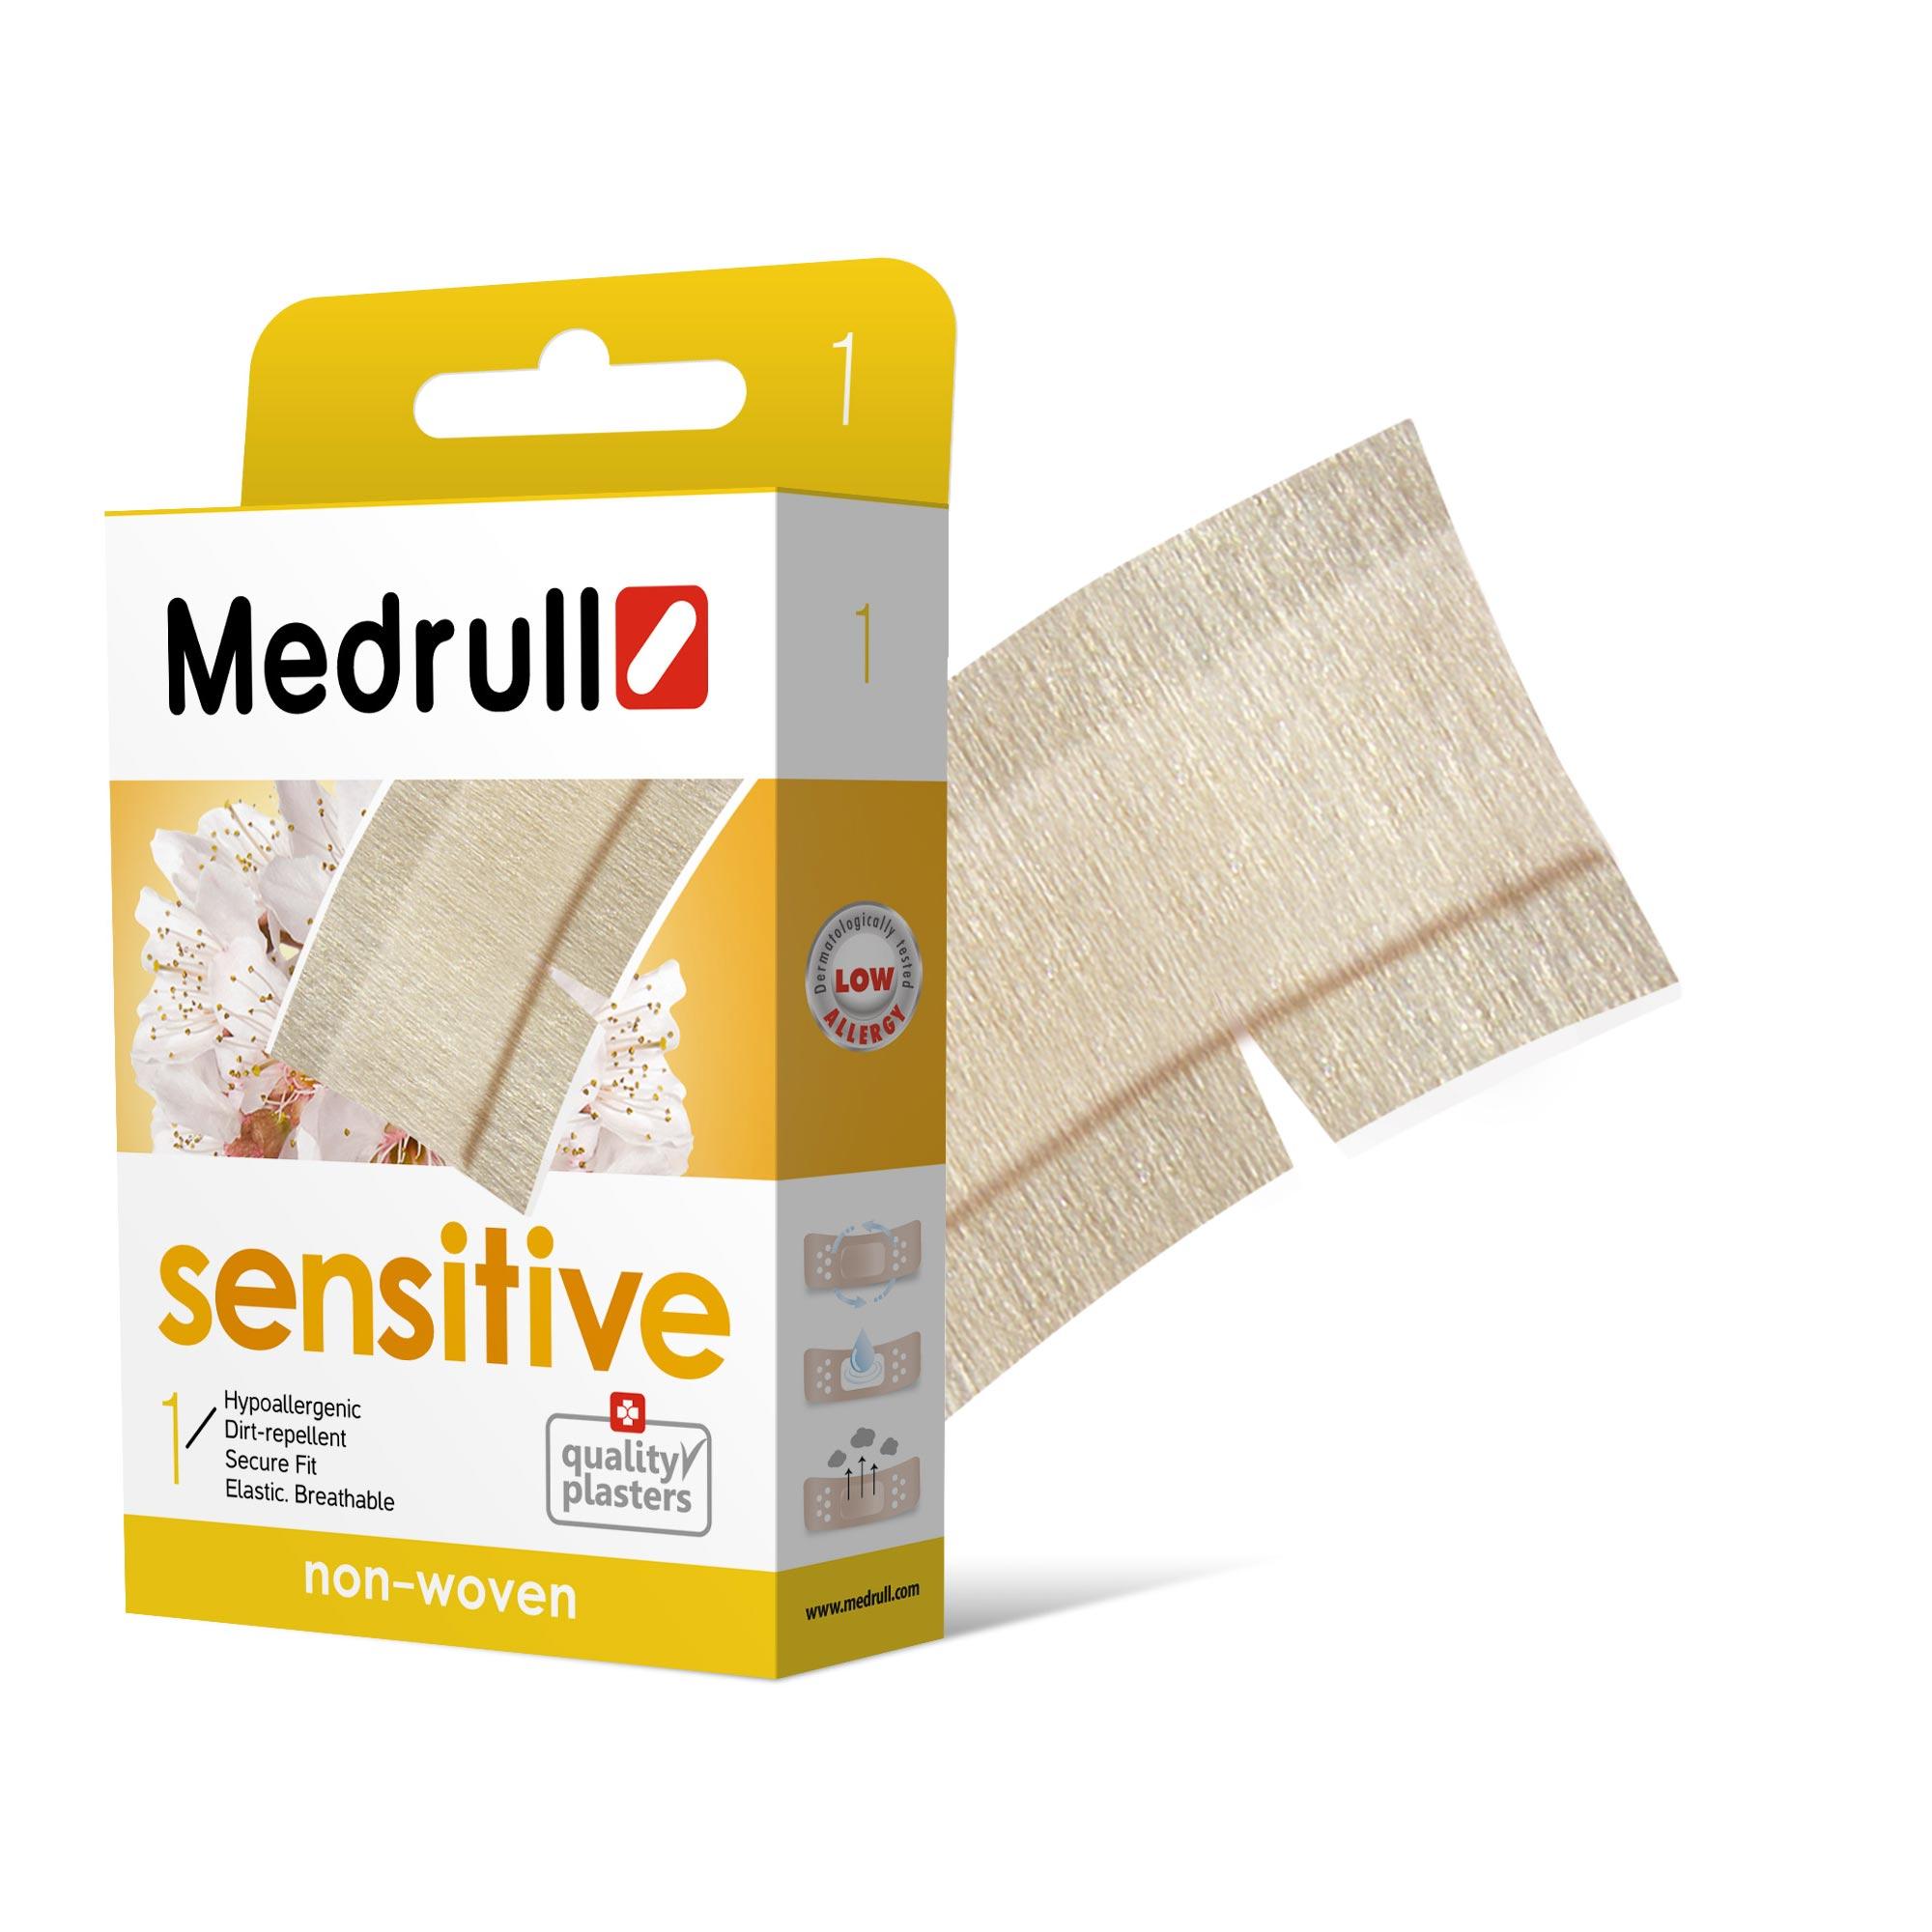 Medrull Пластырь Sensitive, размер 50 см x 6 см, №14742225004574Гипоаллергенные пластыри, предназначены для людей, кожа которых чувствительна к факторам окружающей среды. Изготовлены из тонкого, нетканного, приятного для кожи материала. Cостав материала - 100% нетканный полиэстр. Не рекомендован при чувствительности кожи к составу материала данного пластыря. Свойства пластыря: гипоаллергенные, грязенепроницаемые, эластичные, дышащие, плотно прилегающие. Абсорбирующая подушечка изготовлена из вискозы и обладает высокой впитываемостью. Верхняя часть подушечки обработана полипропиленом, что защищает от вероятности прилипания пластыря к поврежденной поверхности кожи.